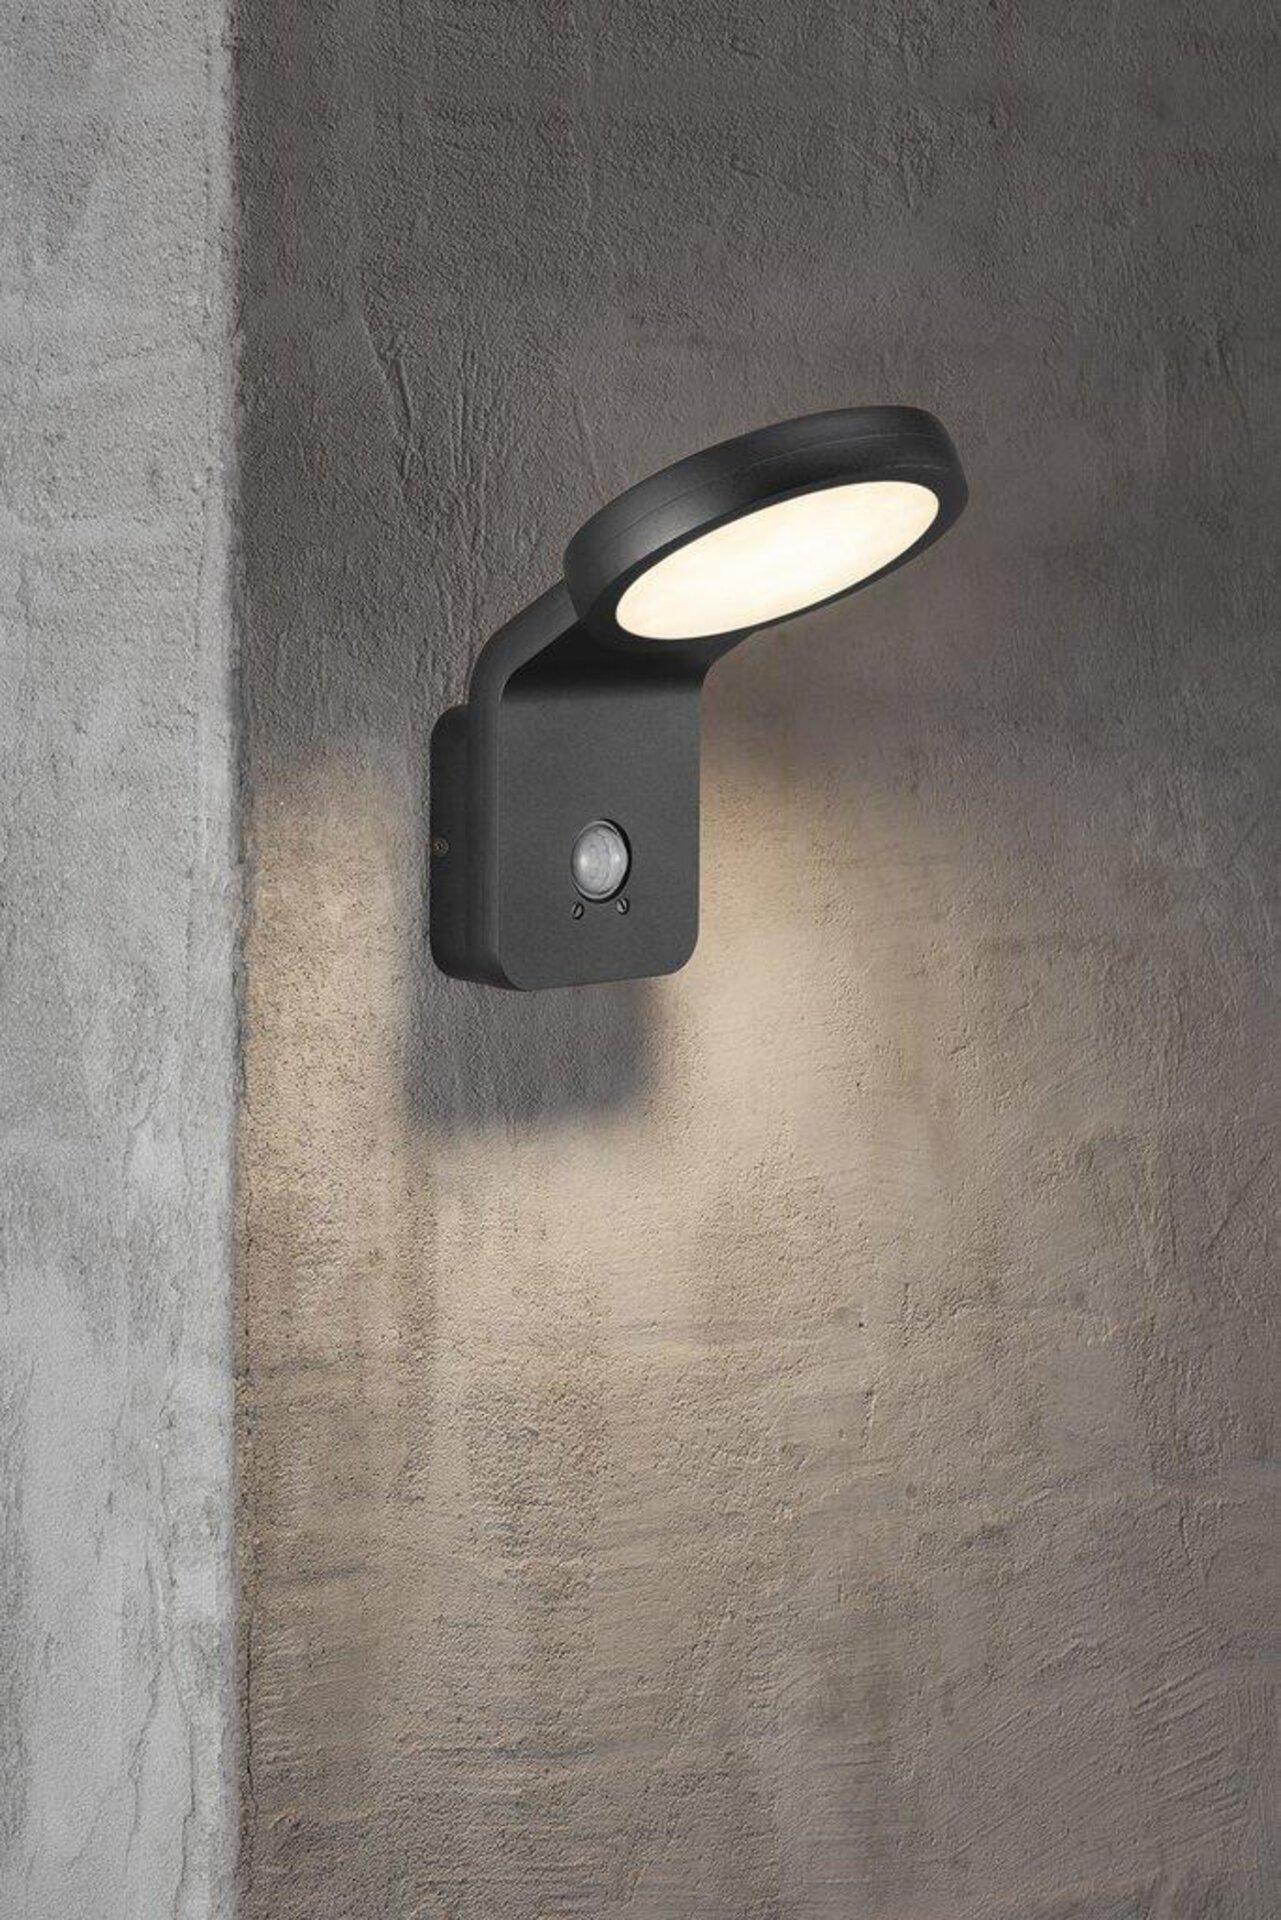 Wand-Aussenleuchte MARINA FLATLINE Nordlux Metall schwarz 18 x 20 x 20 cm